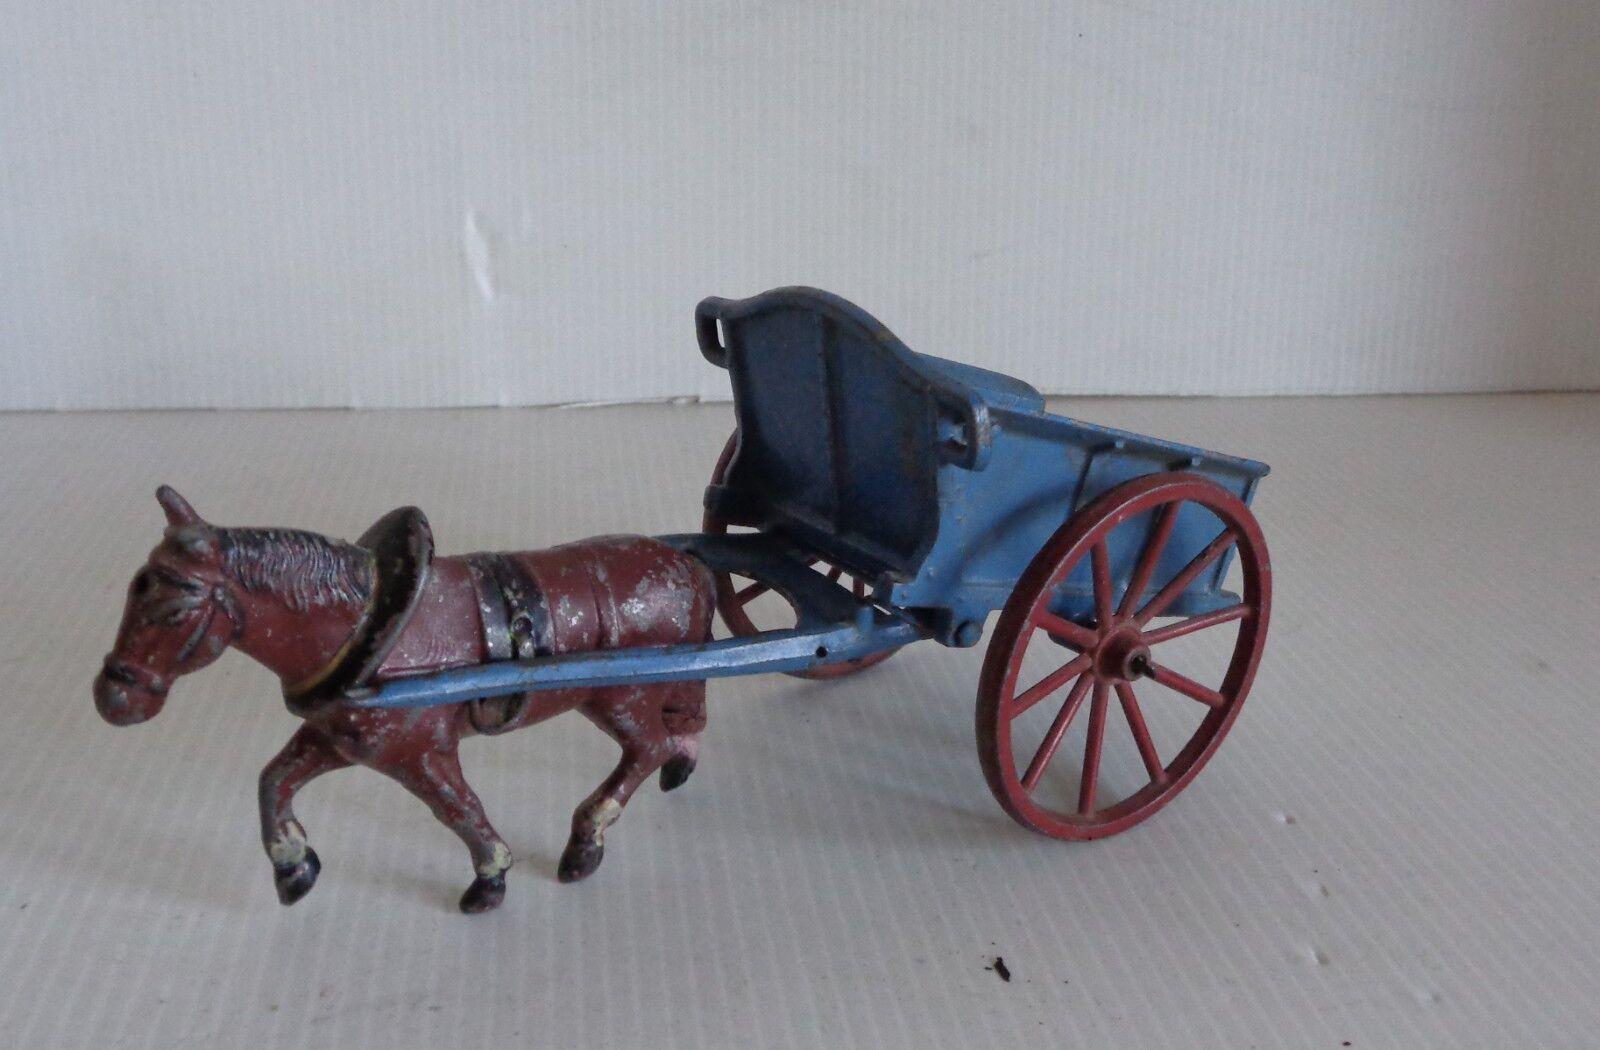 Sr ( Simon y Rivolet) Dumper con Caballo No Quiralu Circa 1940 15cm Plomo